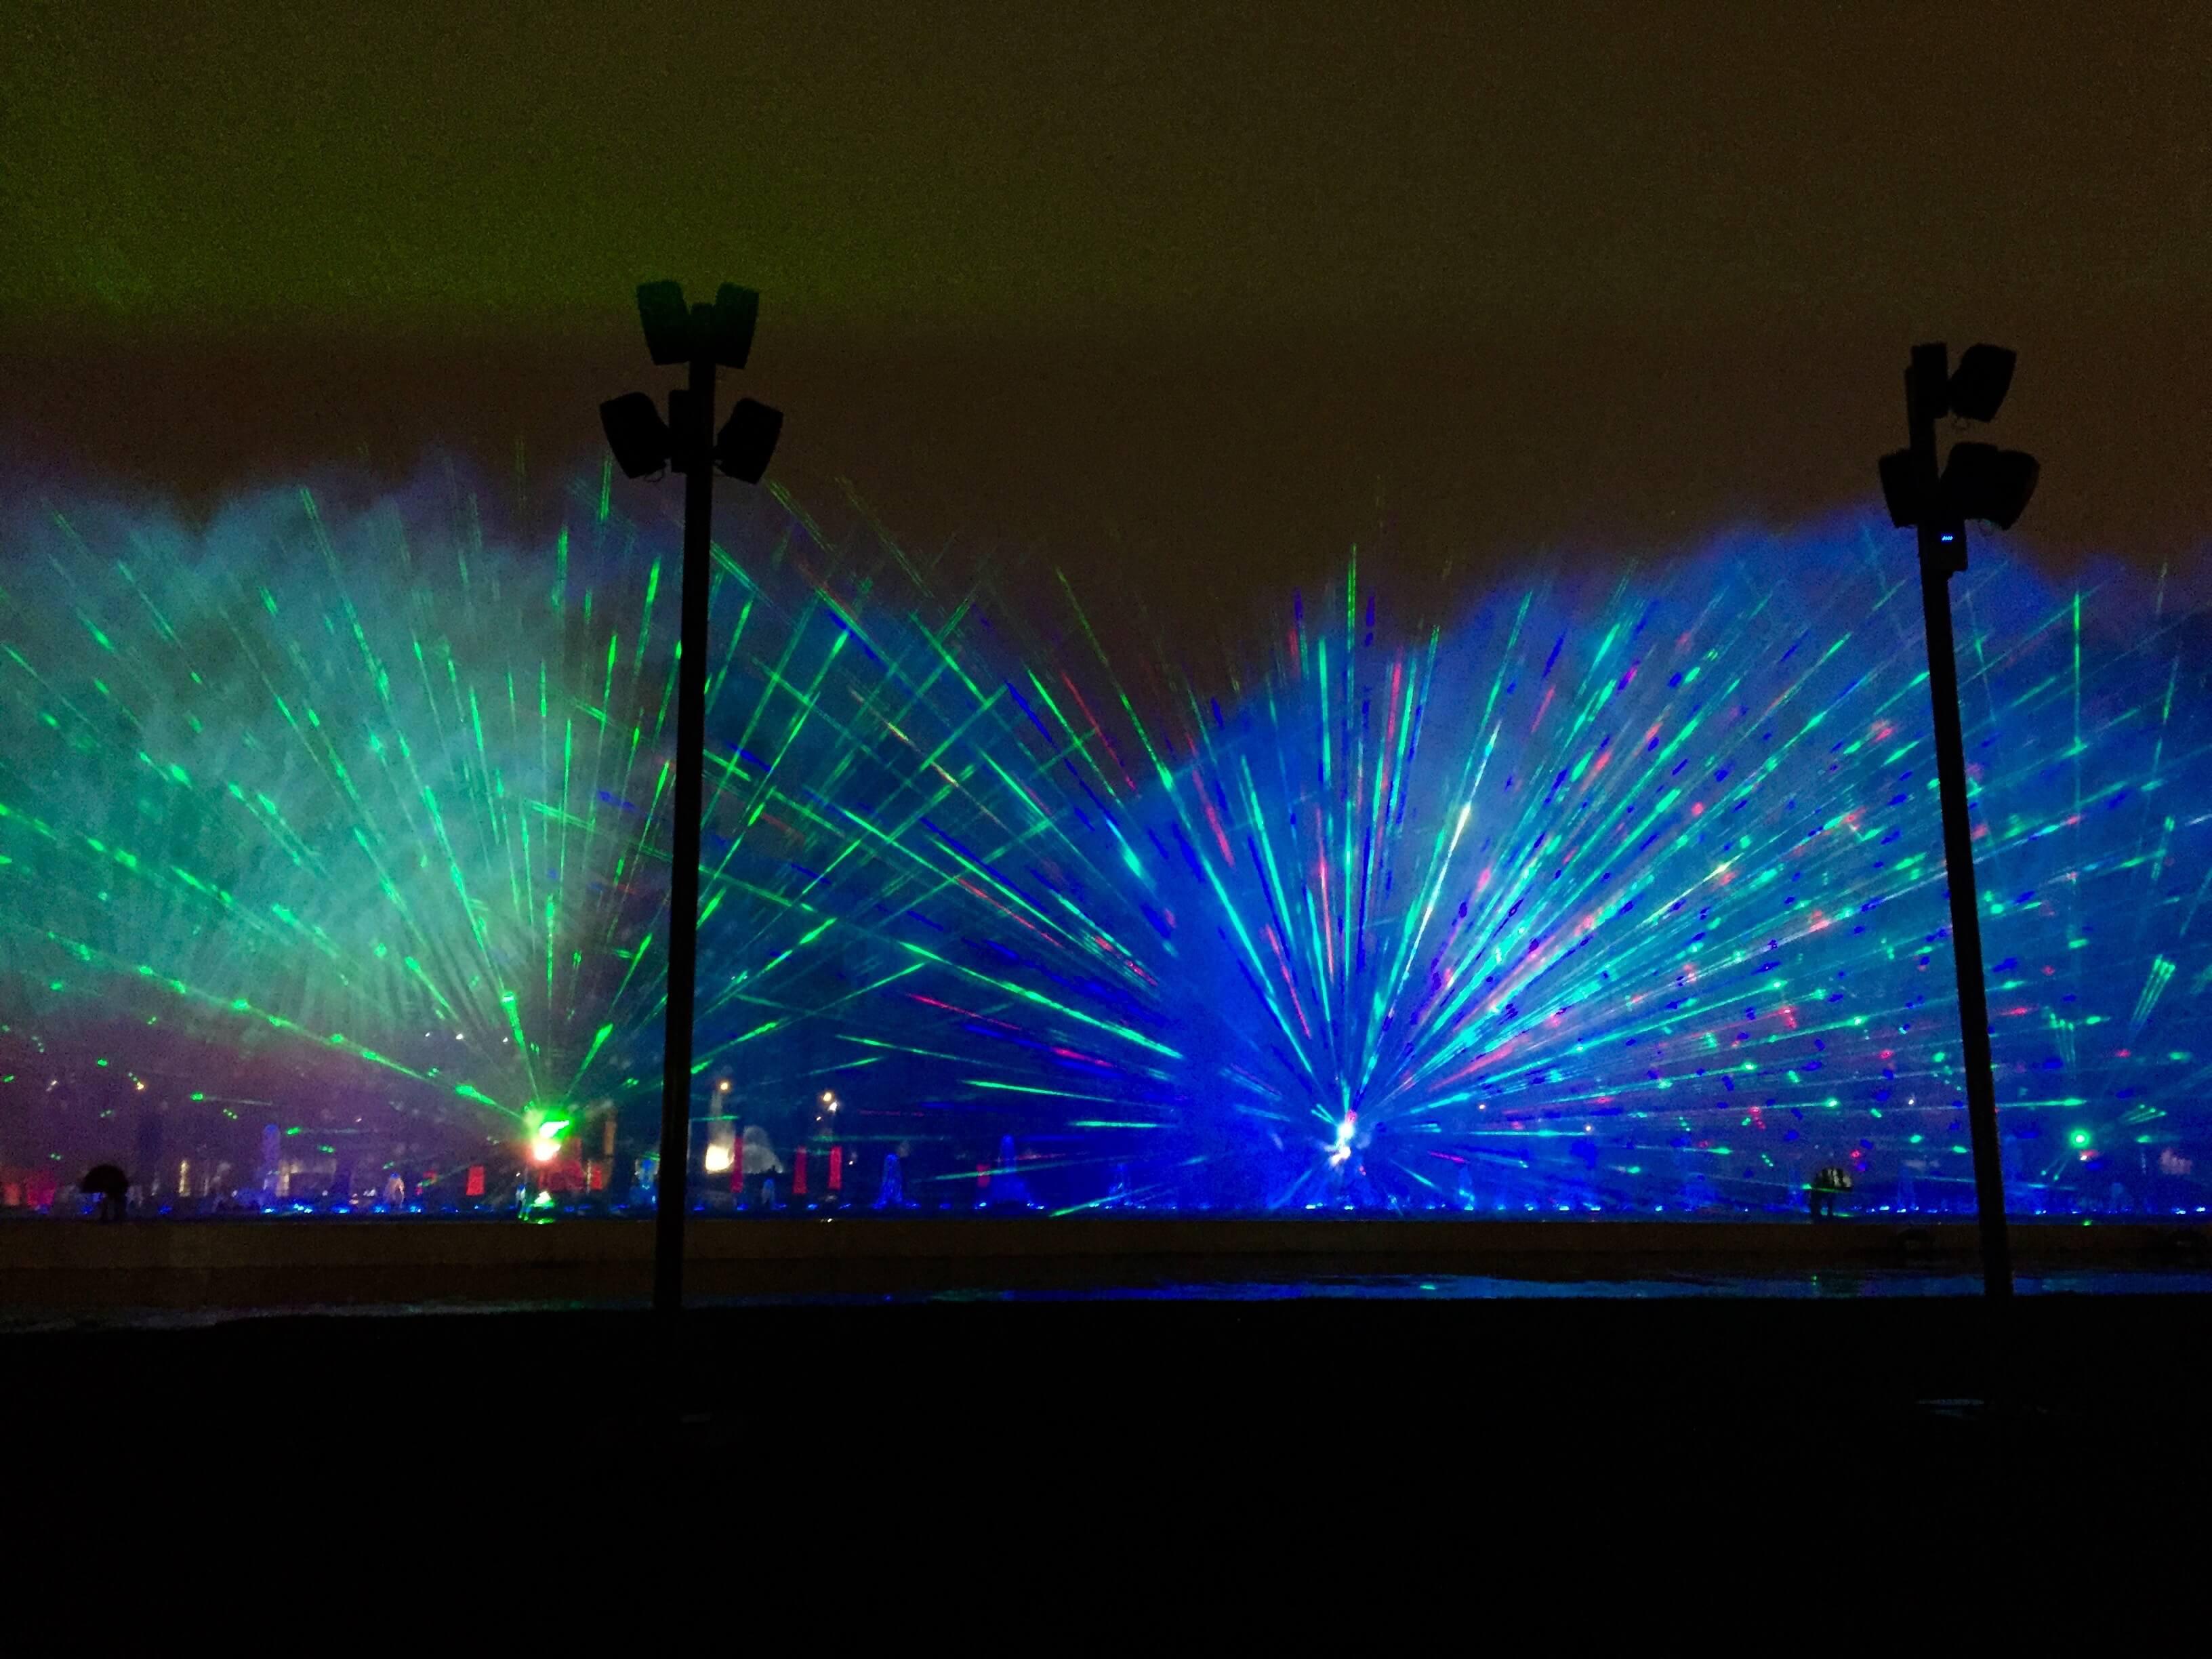 blog-spare-day-in-lima-parque-de-la-reserva-light-show